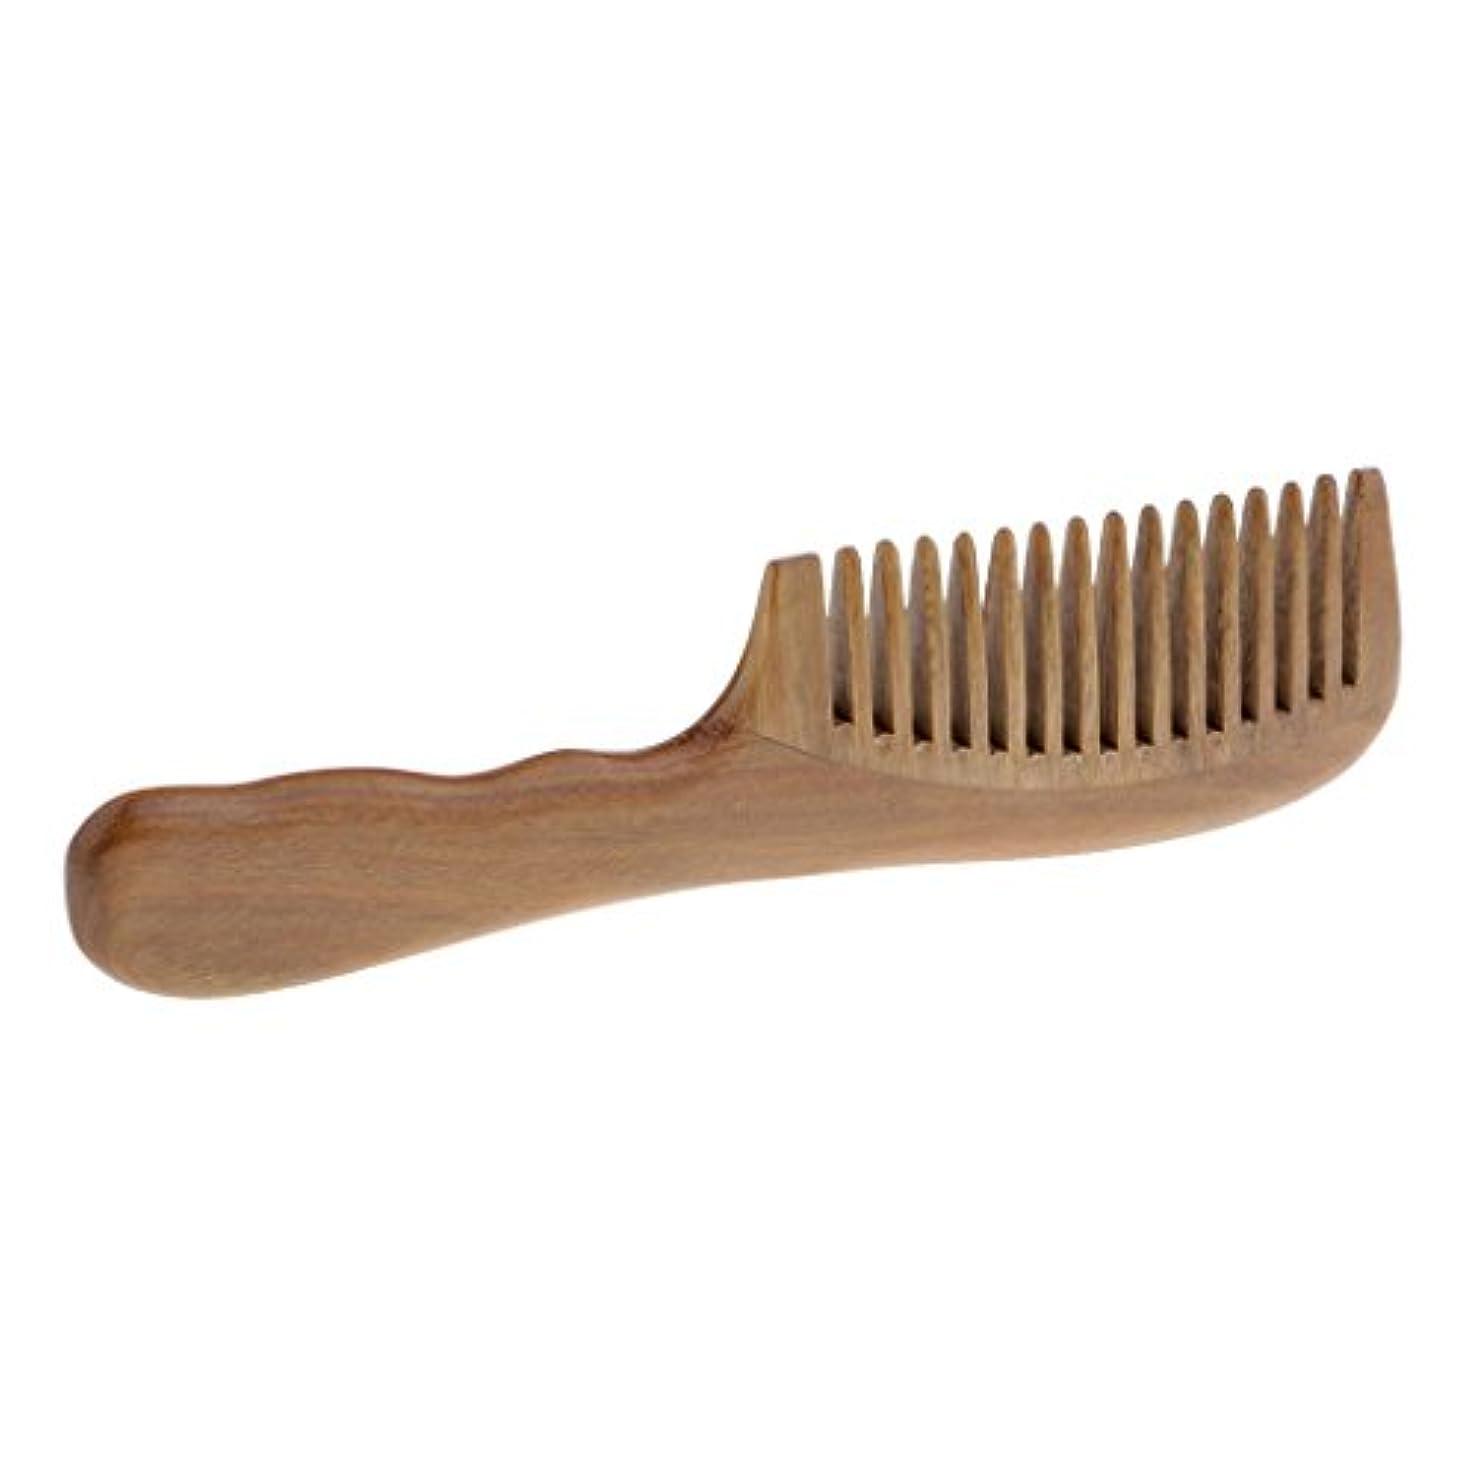 ピーク花婿浮くウッドコーム サンダルウッド 櫛 頭皮マッサージ 木製櫛 帯電防止 2タイプ選べる - 広い歯